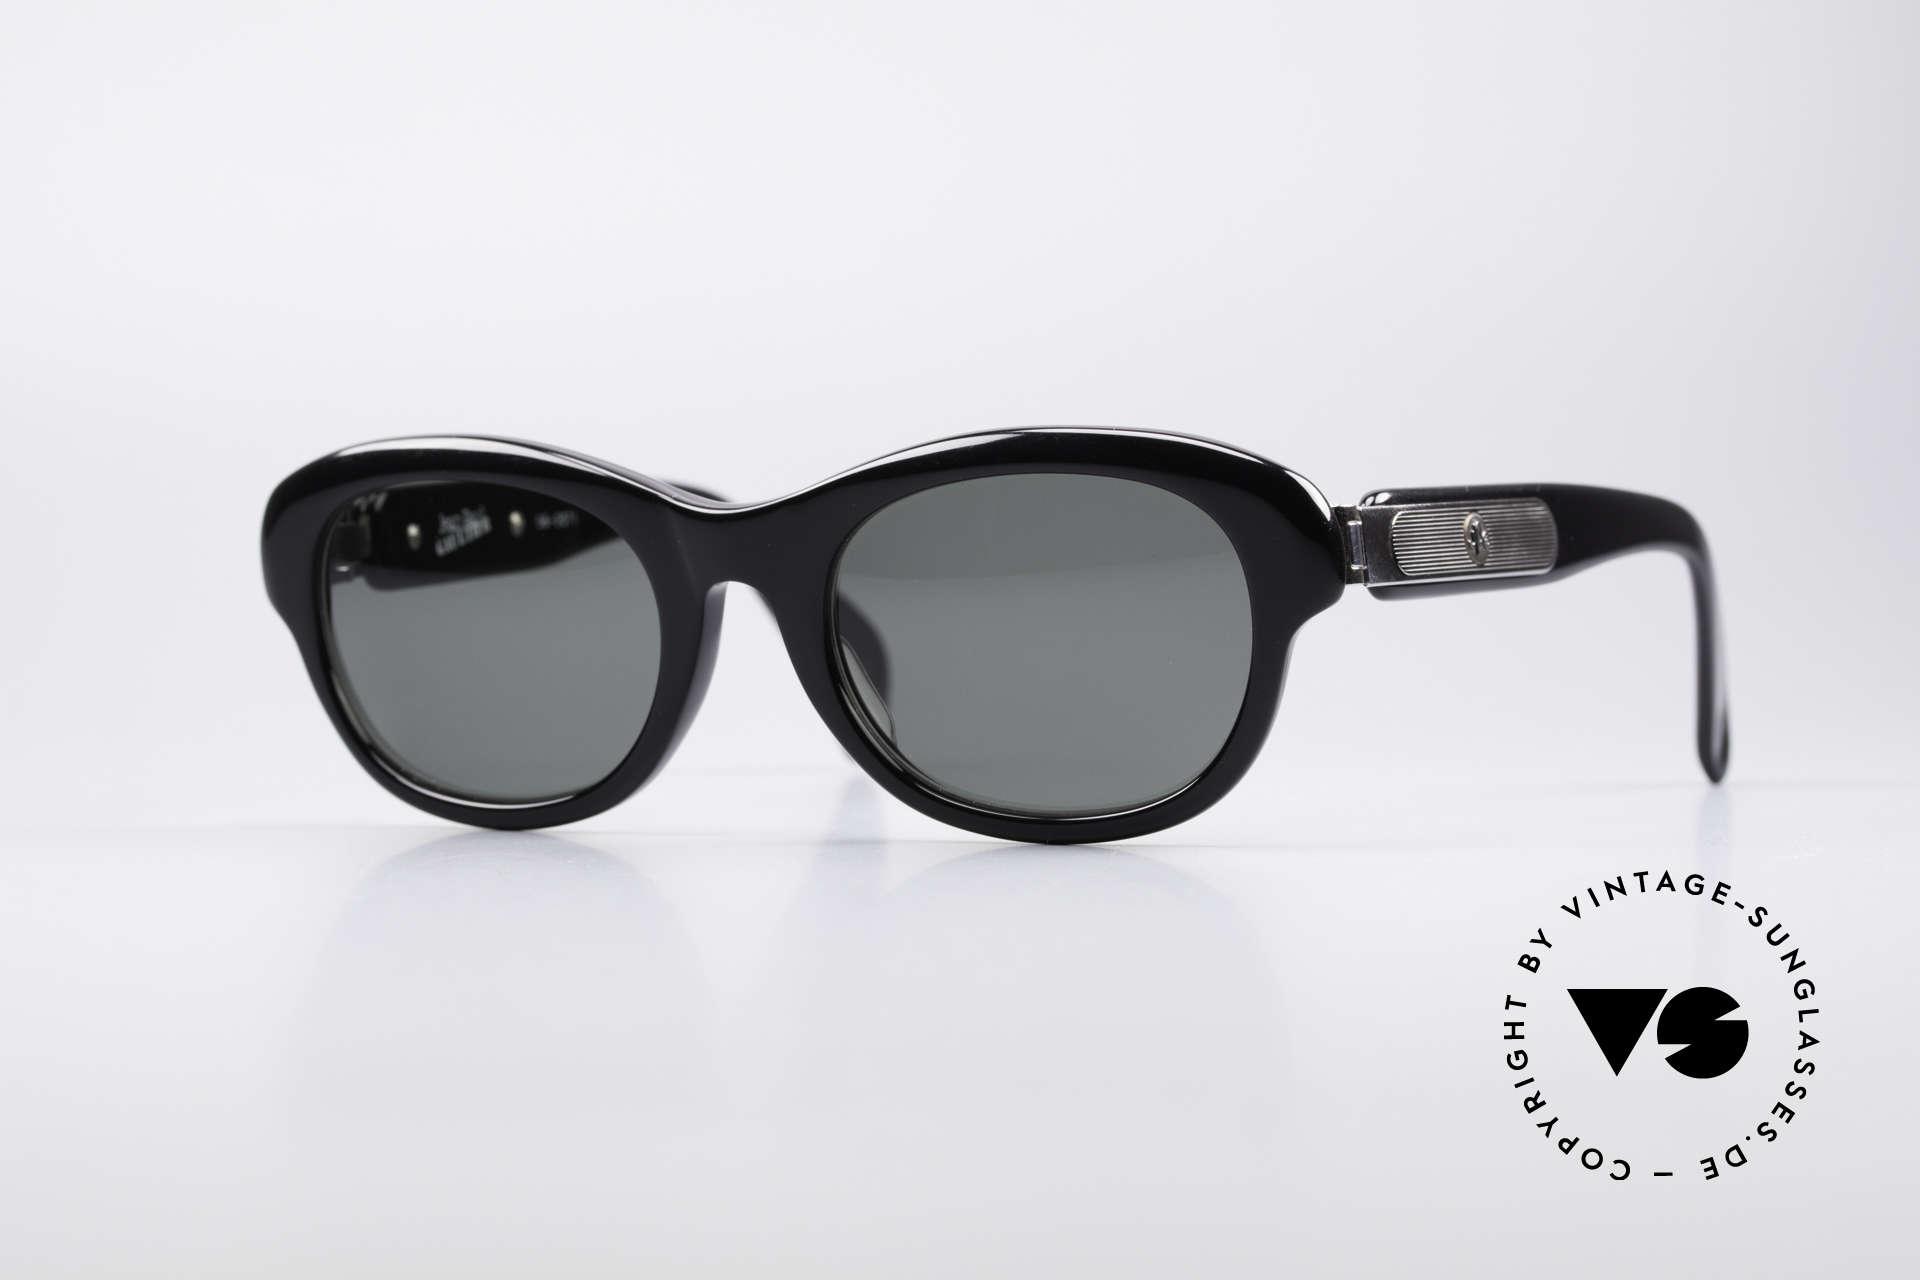 Jean Paul Gaultier 56-2071 No Retro True Vintage Brille, vintage 1990er Jean Paul Gaultier Kultsonnenbrille, Passend für Damen